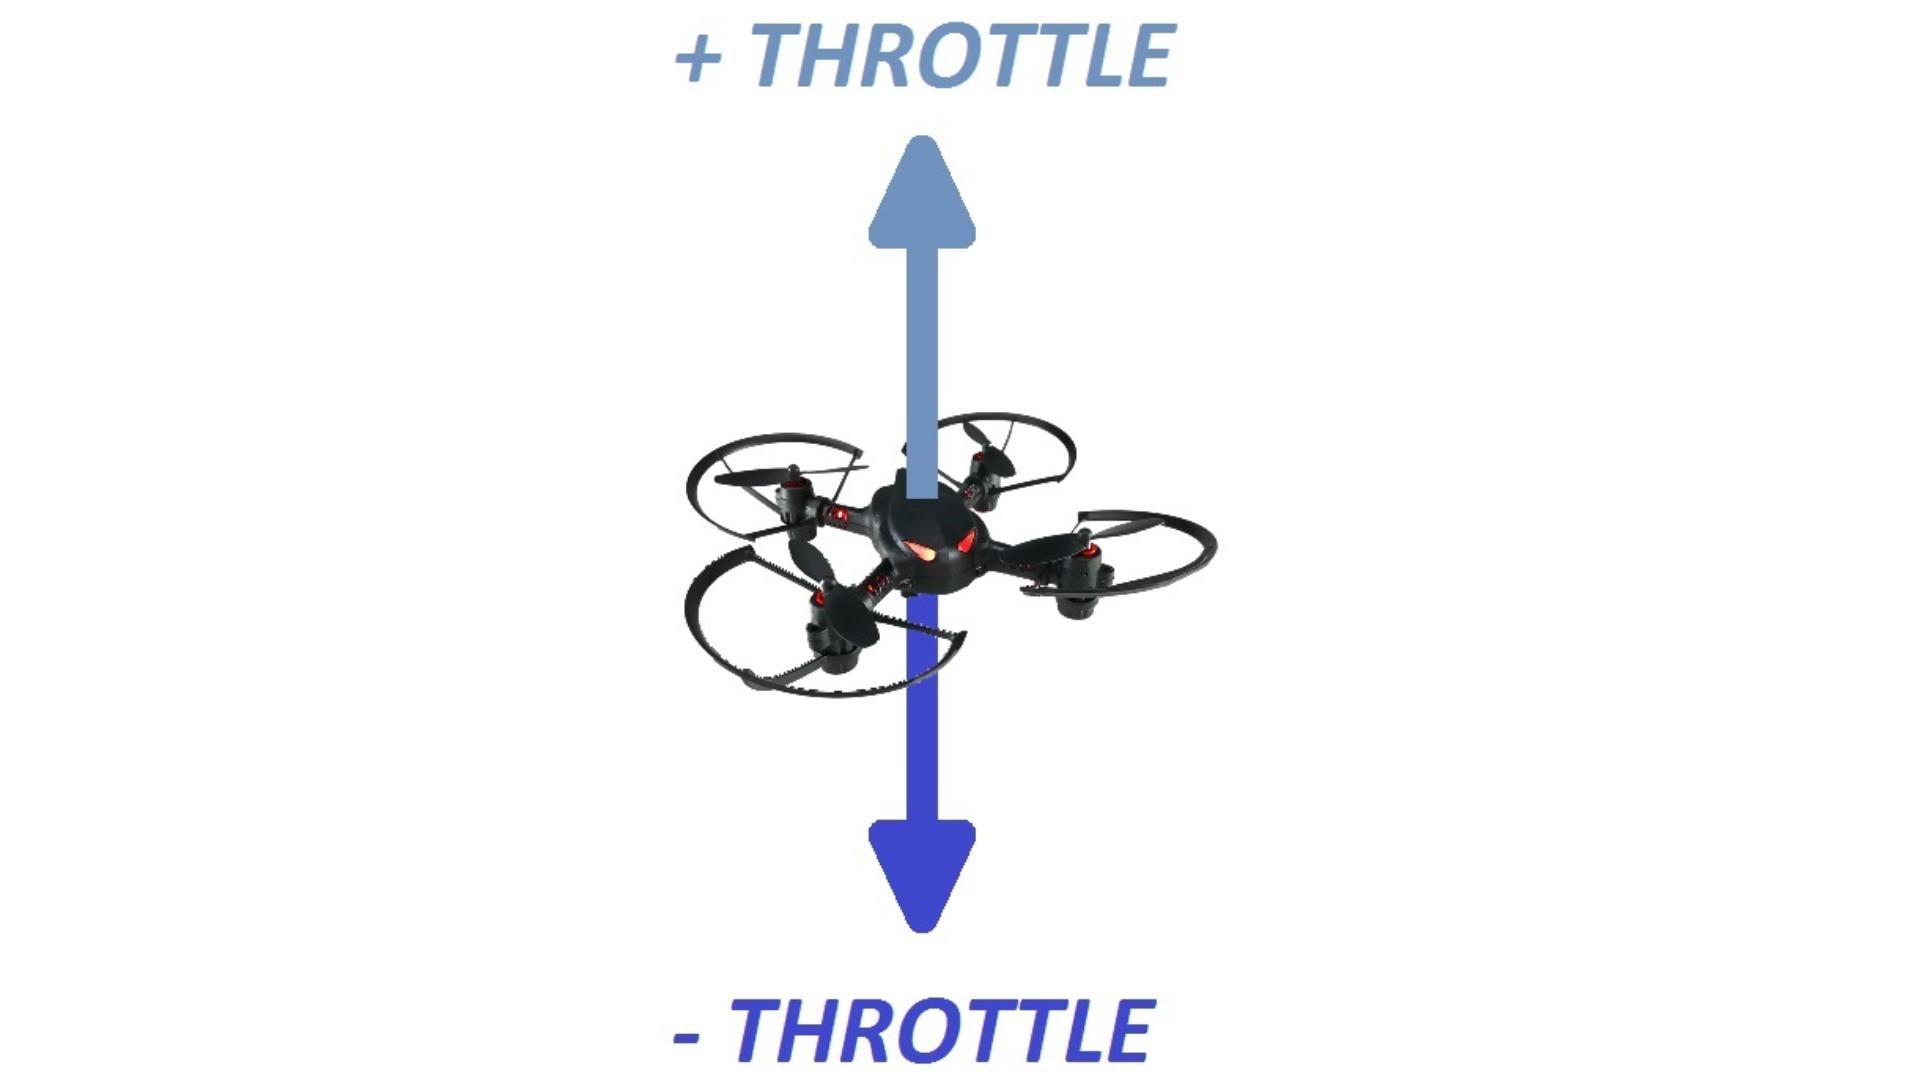 HƯỚNG DẪN LÁI DRONE CHI TIẾT TỪ A - Z 6